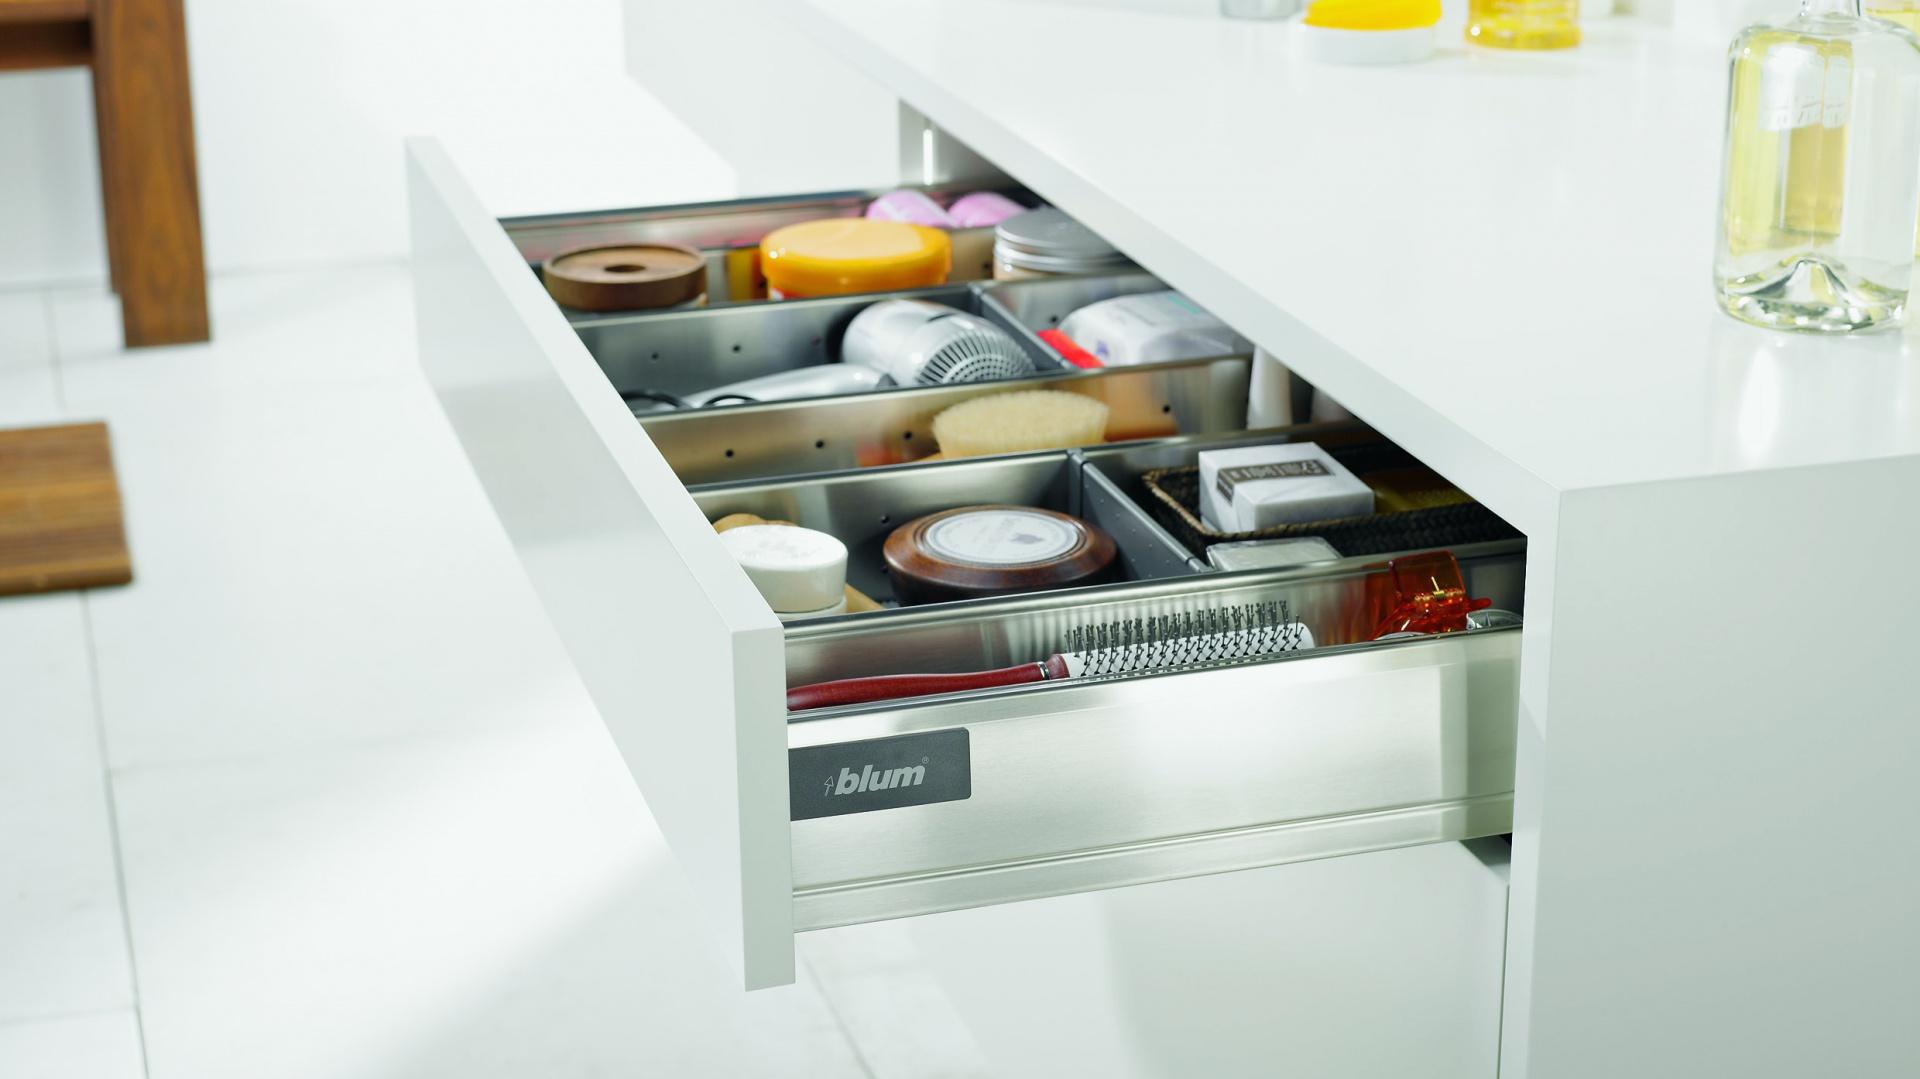 Orga-Line to wysokiej jakości system podziału wewnętrznego do szuflad standardowych i szuflad z wysokim frontem. Dzięki przestawnym pojemnikom, listwom poprzecznym i podłużnym wprowadza porządek w każdej szufladzie.  Fot. Blum.